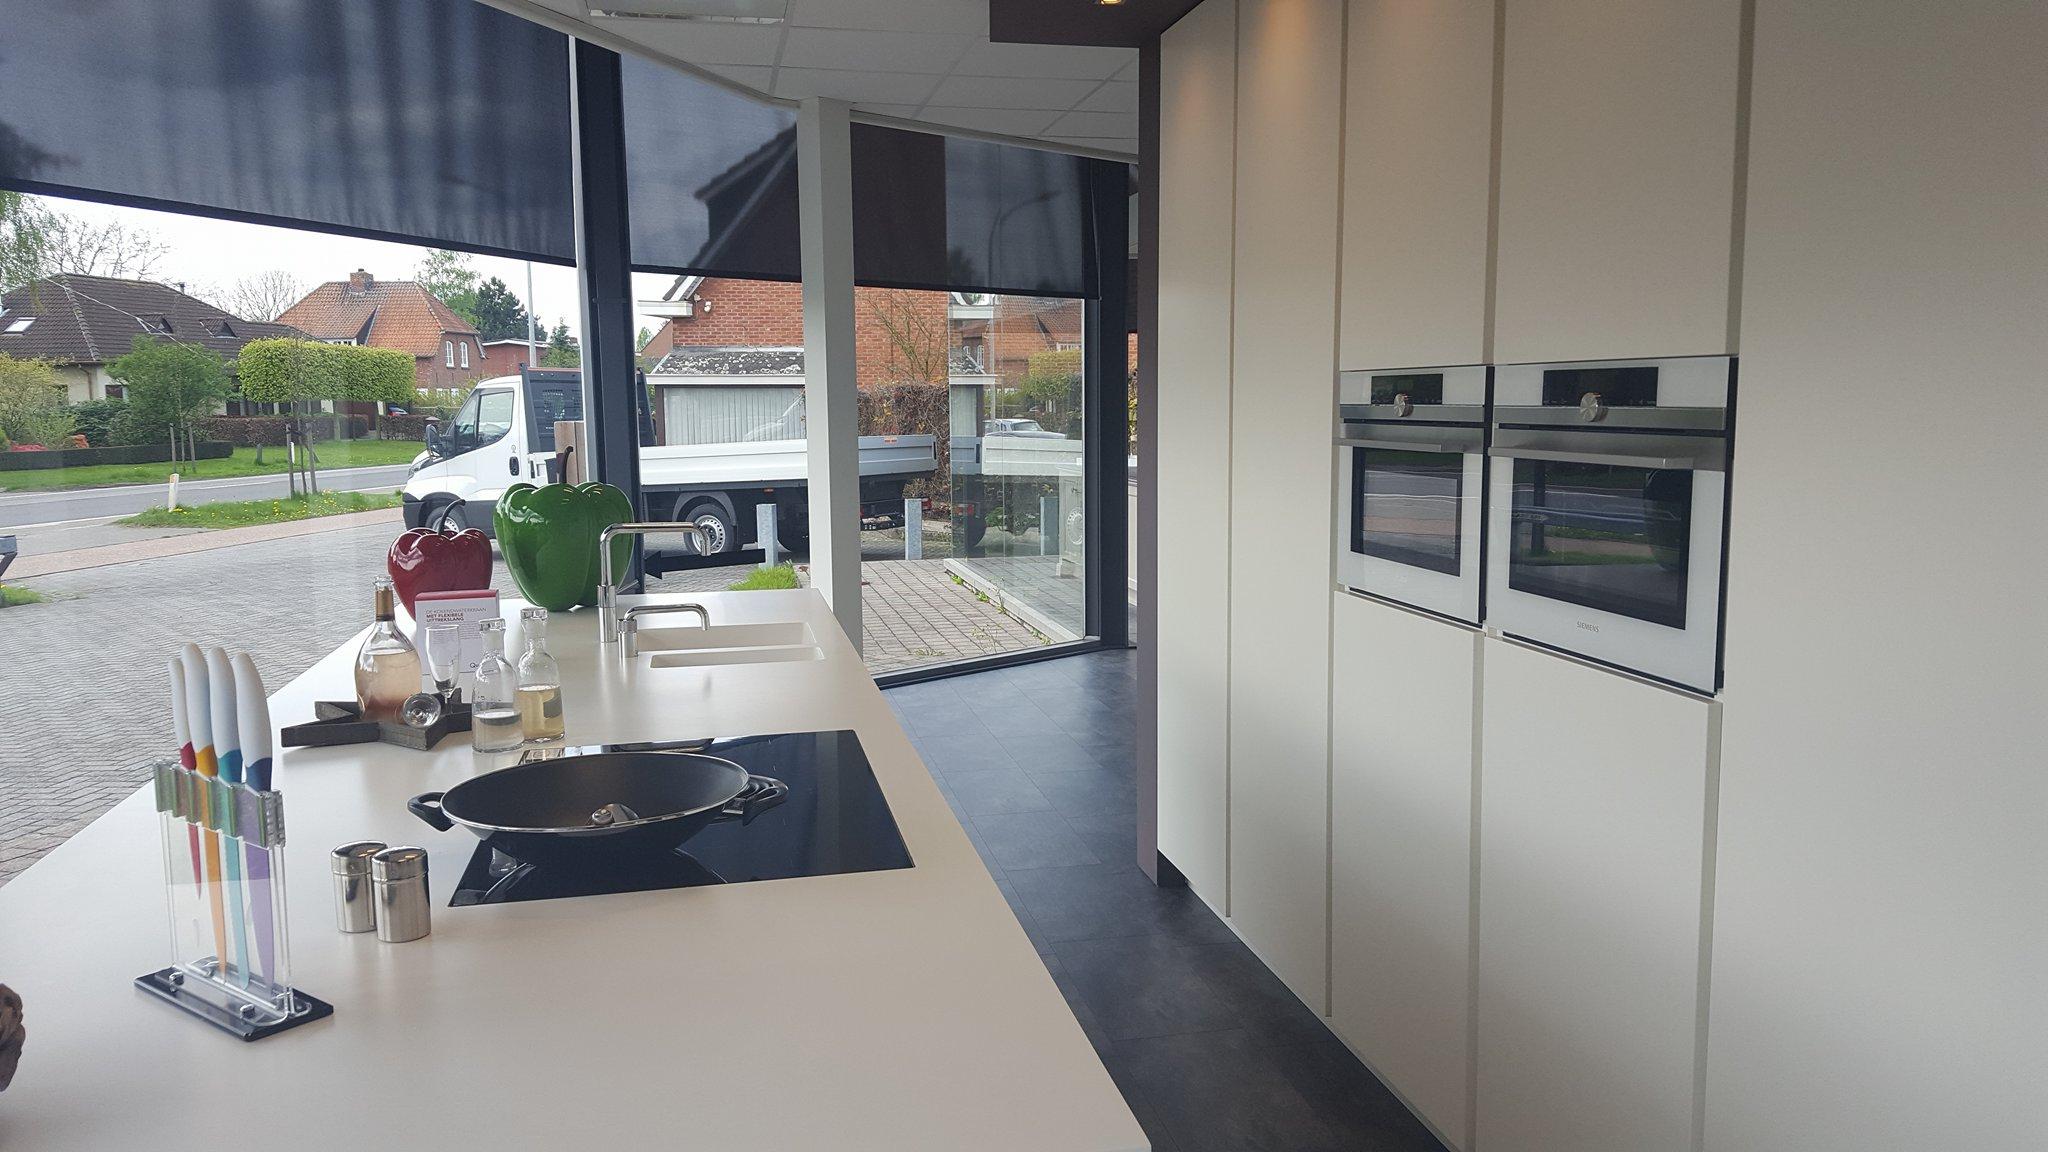 Franssen Keukens Design : Kwalite franssen keukens met vestigingen linemobilefan